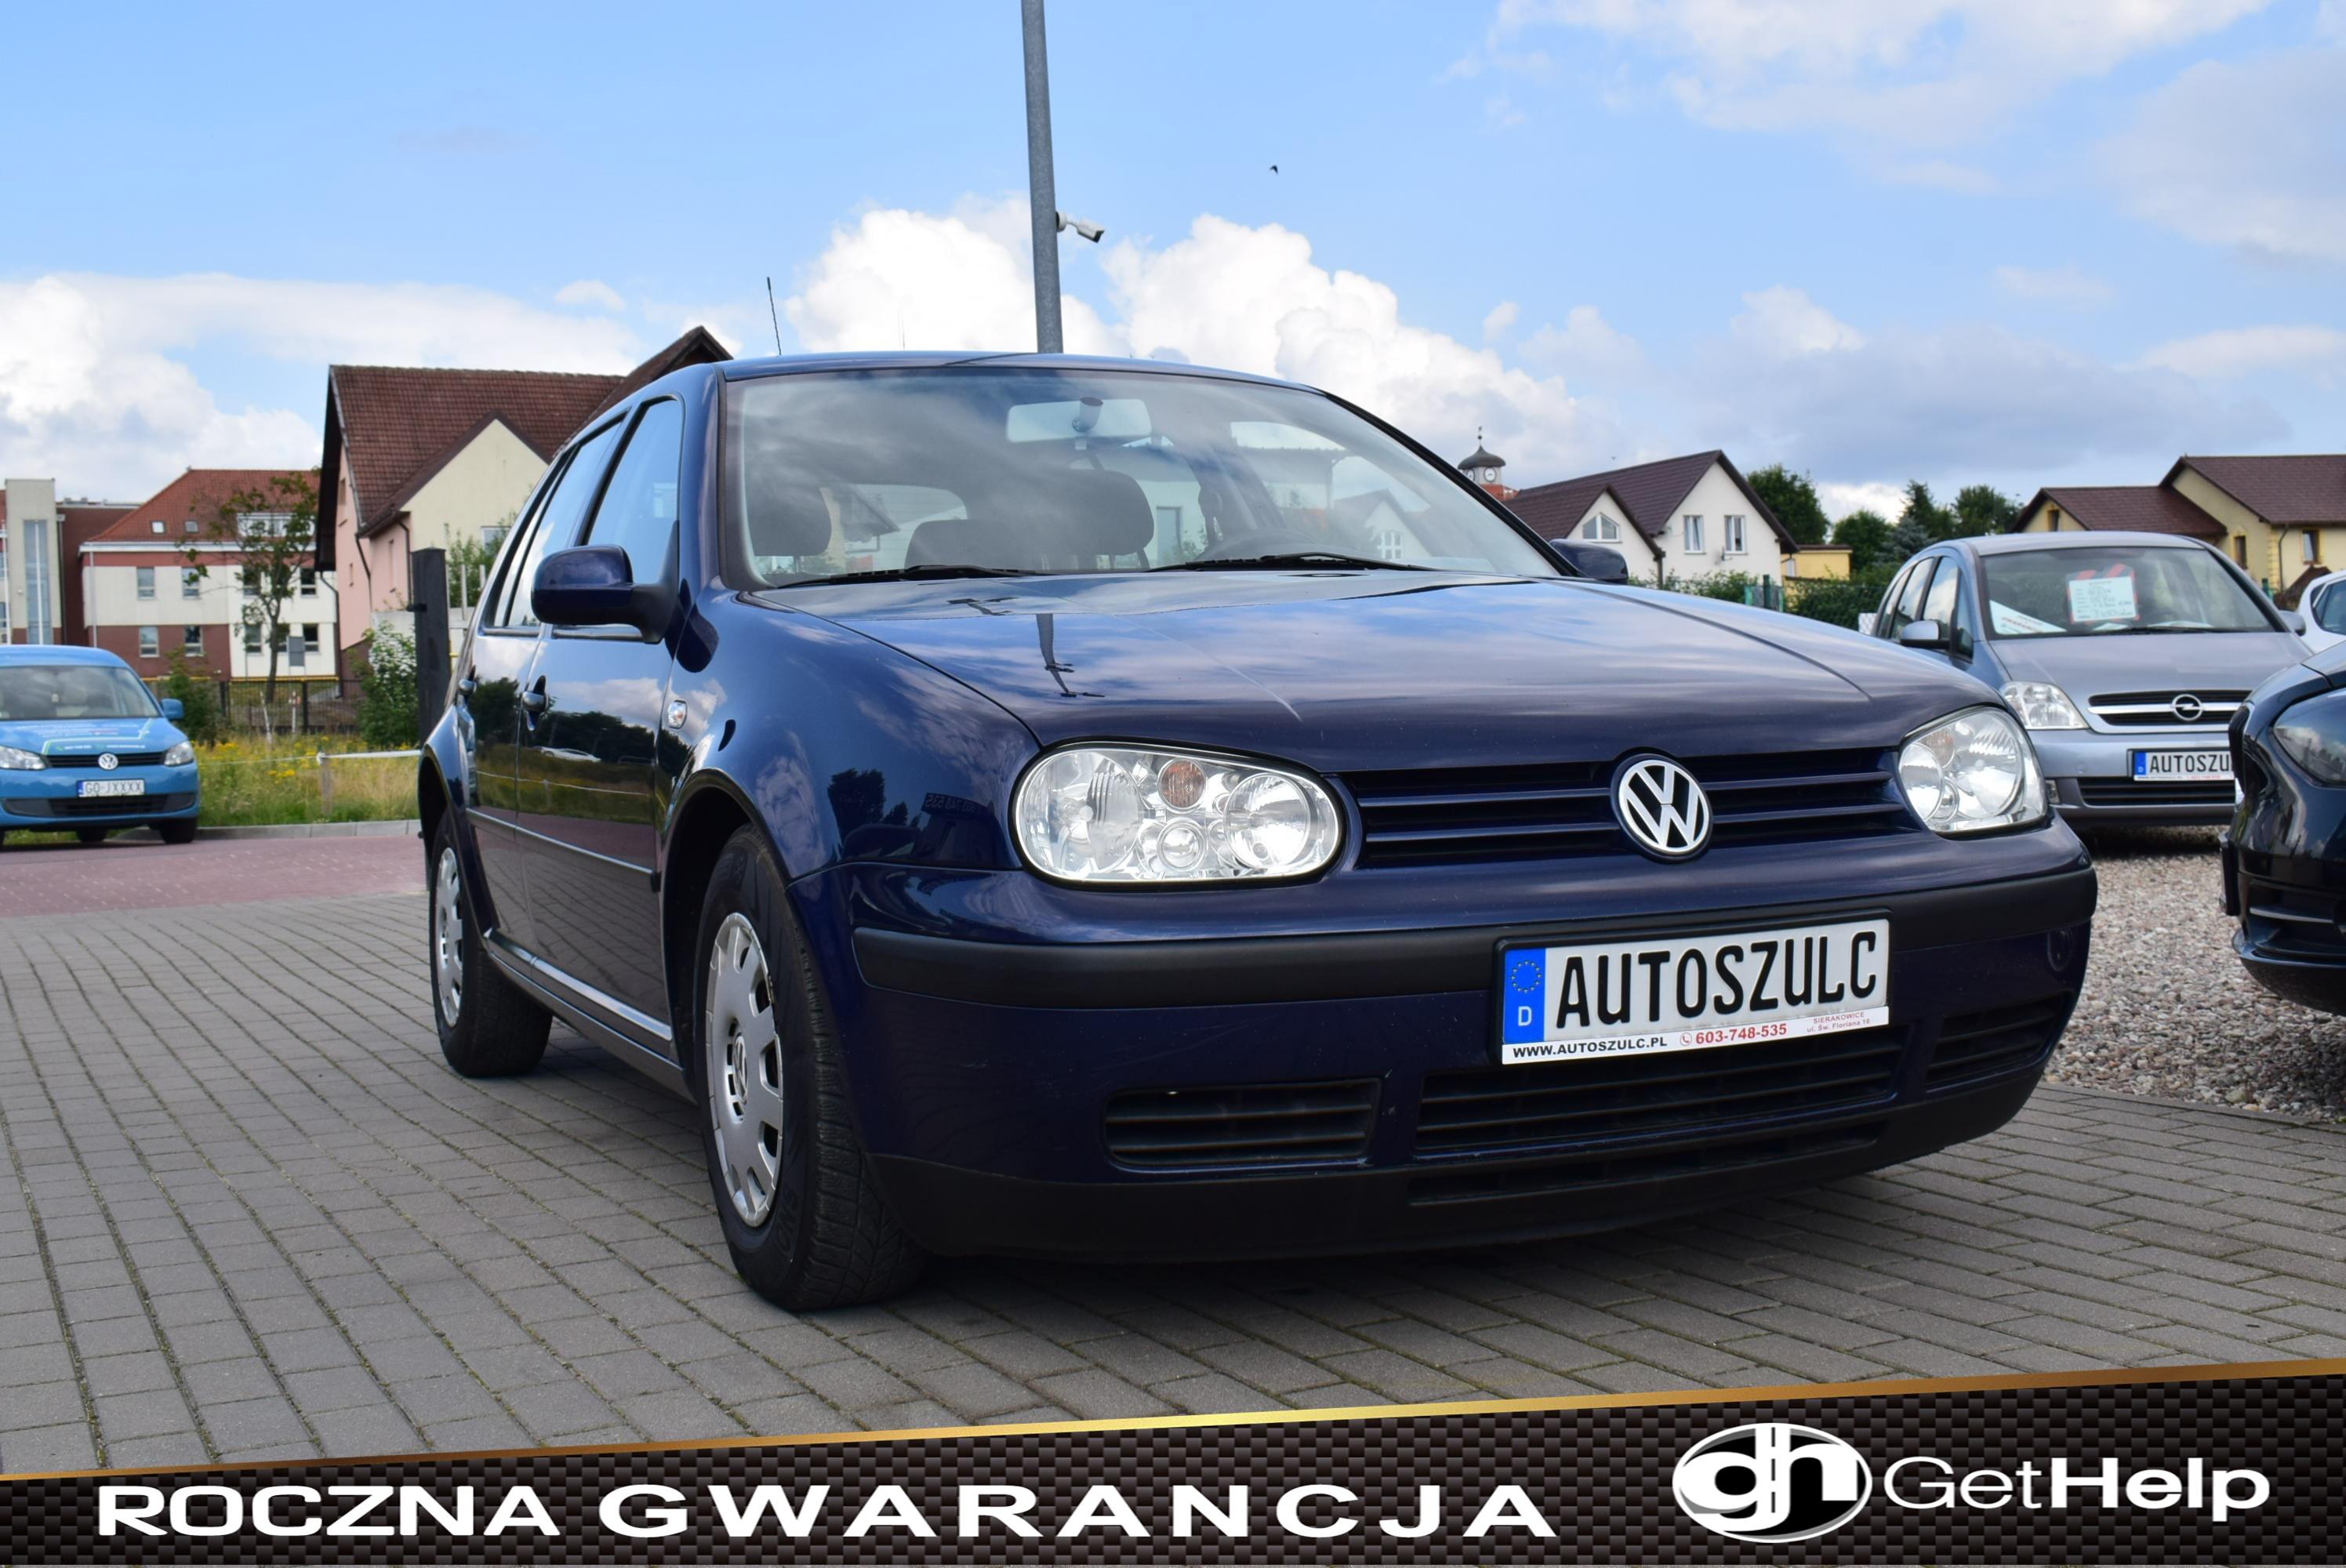 VW Golf IV 1.4 Benzyna, 5-Drzwi, Z Niemiec, Model : 2003, Ekonomiczny, Prosty, zwykły, Rok Gwarancji